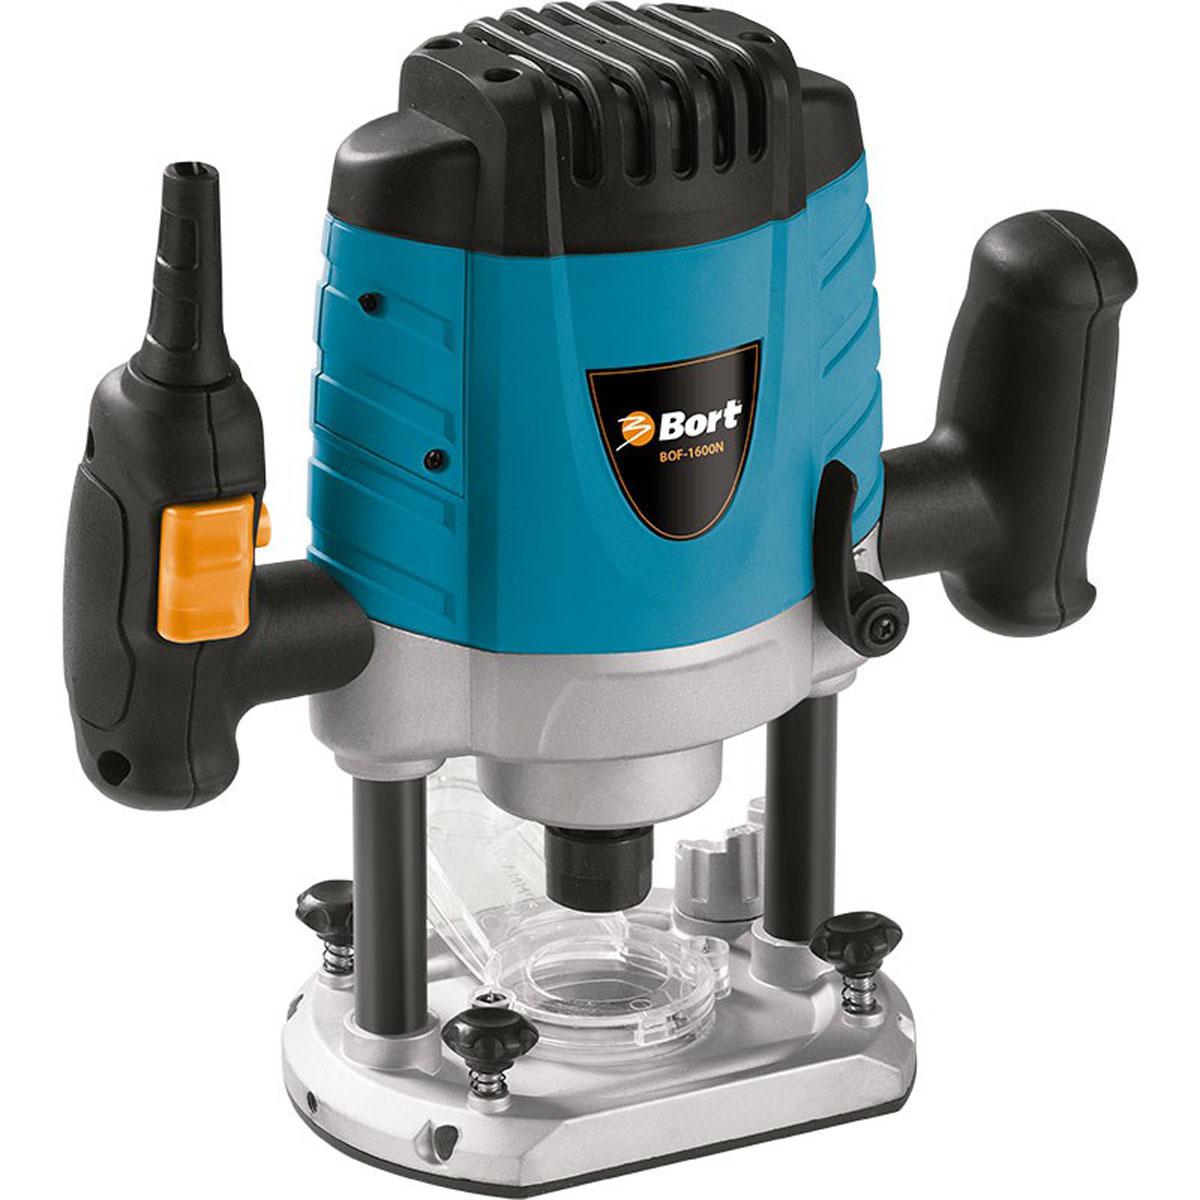 Фрезер электрический Bort BOF-1600NBOF-1600N GreenЭлектрический фрезер BORT BOF-1600N 98290011 - это полупрофессиональный инструмент для обработки дерева, пластика и аналогичных материалов. В зависимости от выбора оснастки универсальная модель быстро и аккуратно пропиливает отверстия различной глубины, выбирает пазы, наносит на заготовку узор. Мощный двигатель обеспечивает долгую работу без перегрева. Скорость вращения фрезы регулируется в диапазоне от 8000 до 30000 об/мин, что позволяет работать как с плотными, так и с более рыхлыми материалами (ДВП, фанера).